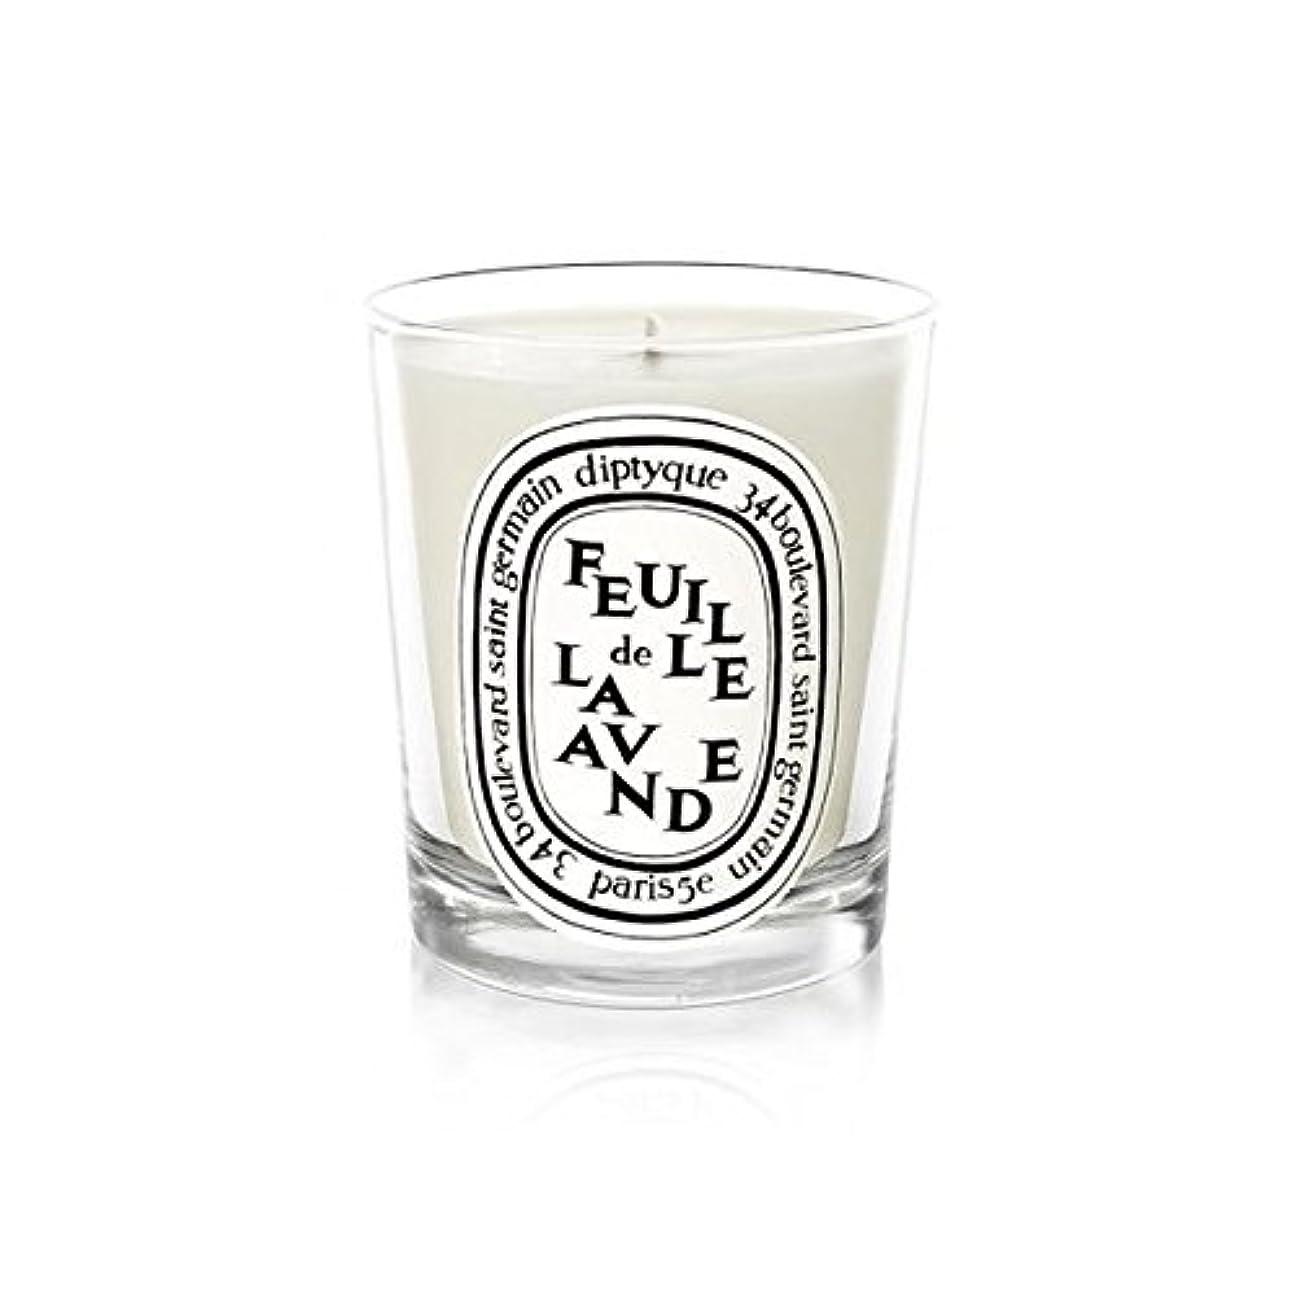 キリスト教ブランド名余暇Diptyque Candle Feuille De Lavande / Lavender Leaf 190g (Pack of 6) - DiptyqueのキャンドルFeuilleデラバンデ/ラベンダーの葉190グラム (x6) [並行輸入品]